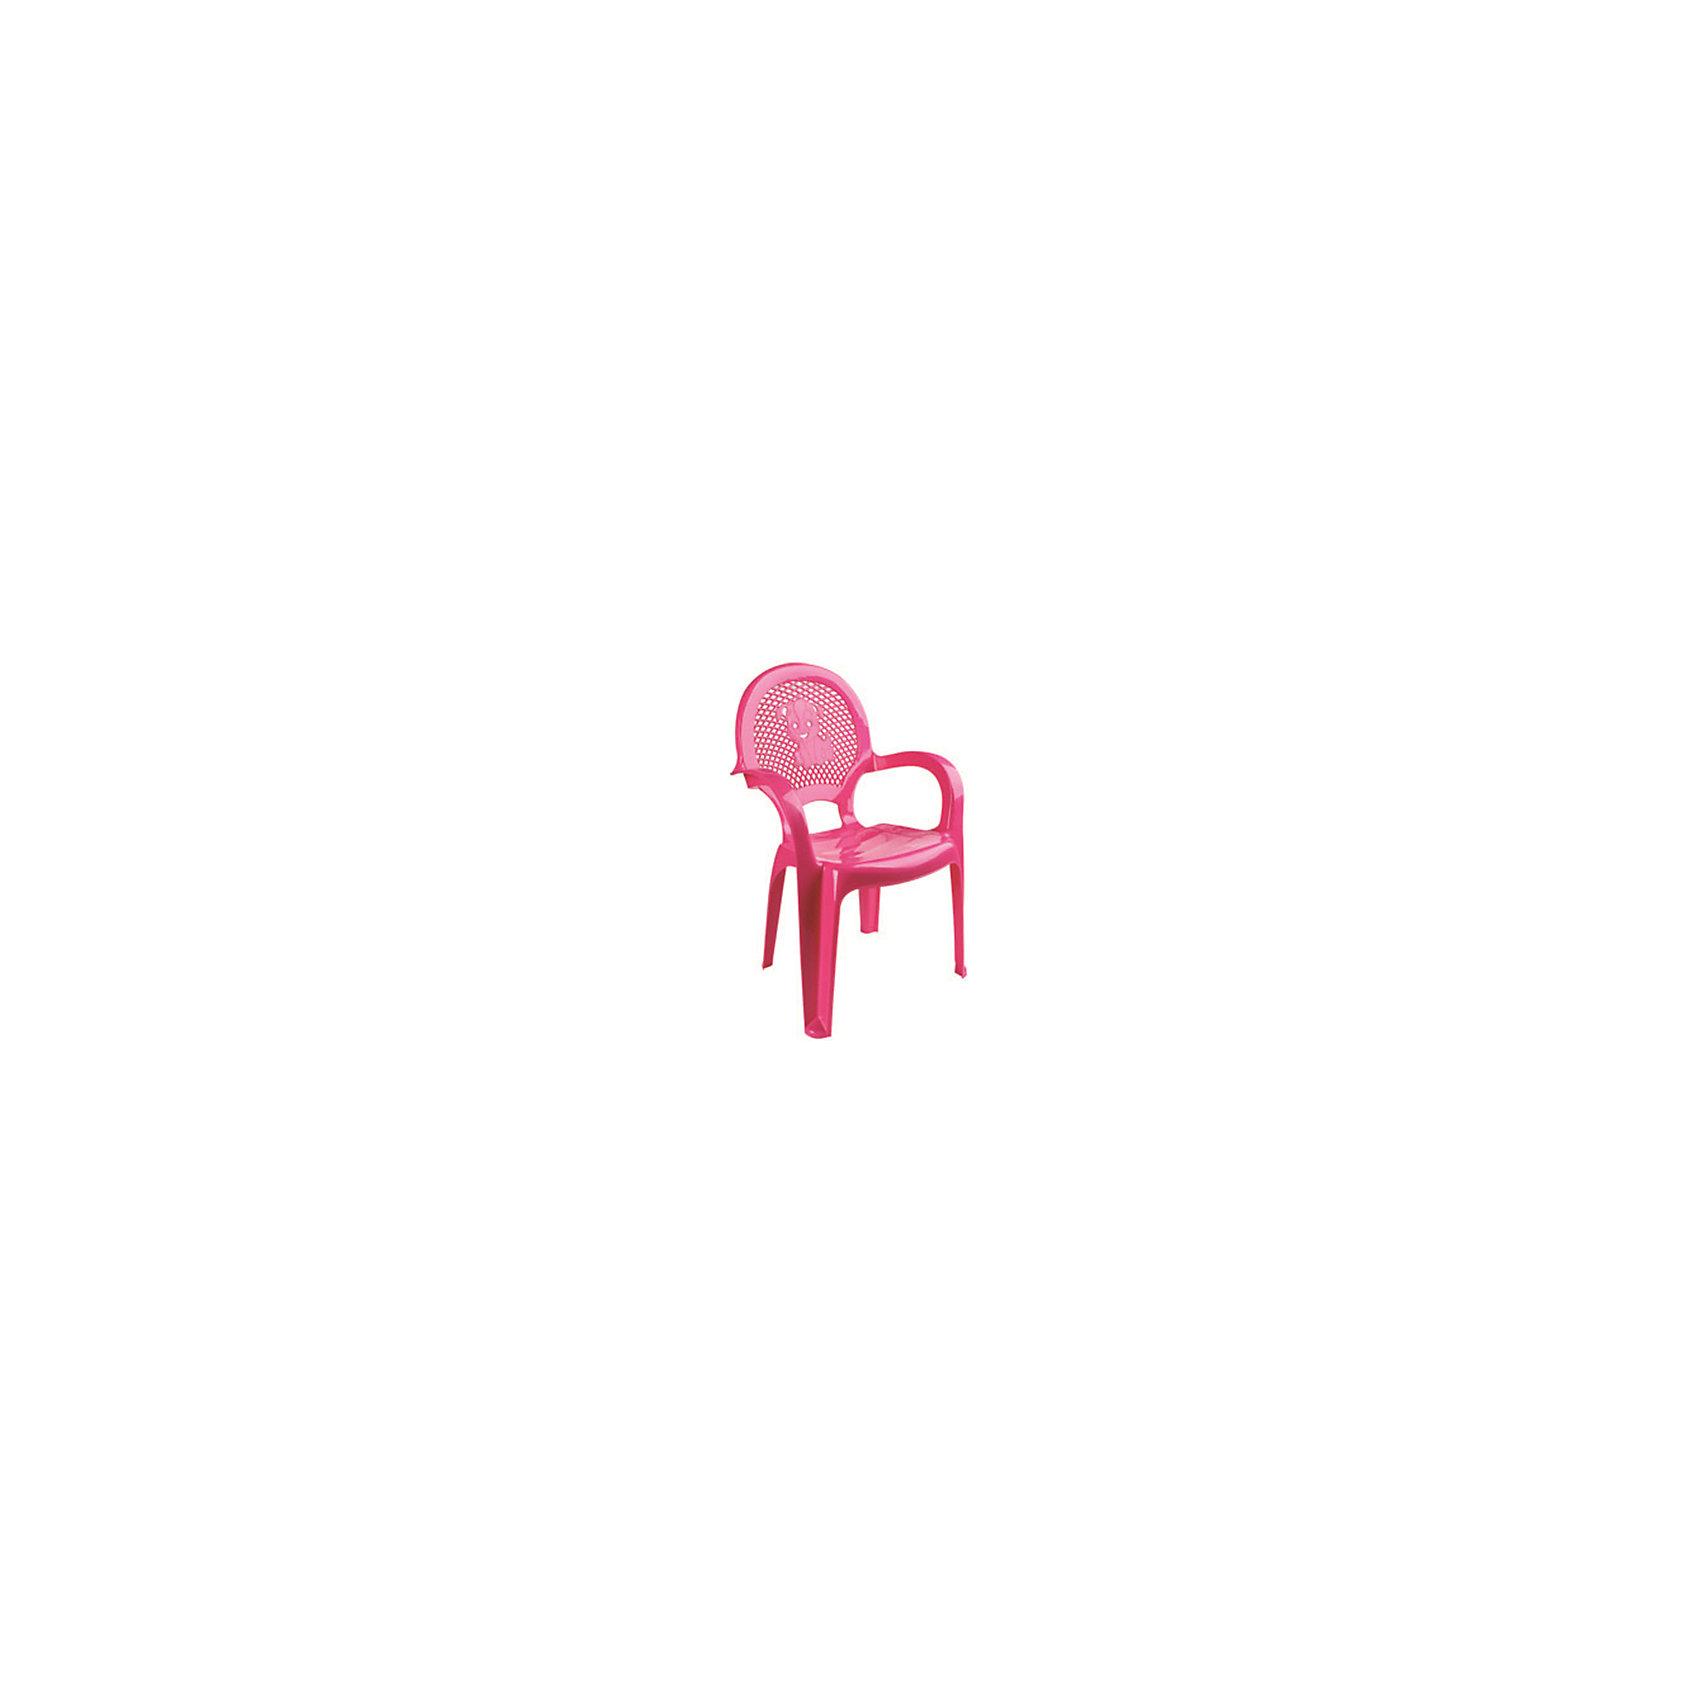 Розовый стулЯркий, удобный стульчик для вашего малыша. Изделие изготовлено из высококачественной пластмассы с использованием современных технологий. Все условия для комфорта вашего малыша: спинка высокая, сетчатая, эргономичные подлокотники, форма компактная и удобная для хранения - стулья можно составить один в другой, легко моется водой с любым моющим средством. <br><br>Дополнительная информация:<br><br>Материал: пластик.<br>Размер: высота - 55 см.<br>Цвет: розовый.<br><br>Детский стульчик в розовом цвете, можно купить в нашем магазине.<br><br>Ширина мм: 750<br>Глубина мм: 480<br>Высота мм: 380<br>Вес г: 600<br>Возраст от месяцев: 24<br>Возраст до месяцев: 84<br>Пол: Унисекс<br>Возраст: Детский<br>SKU: 4718403